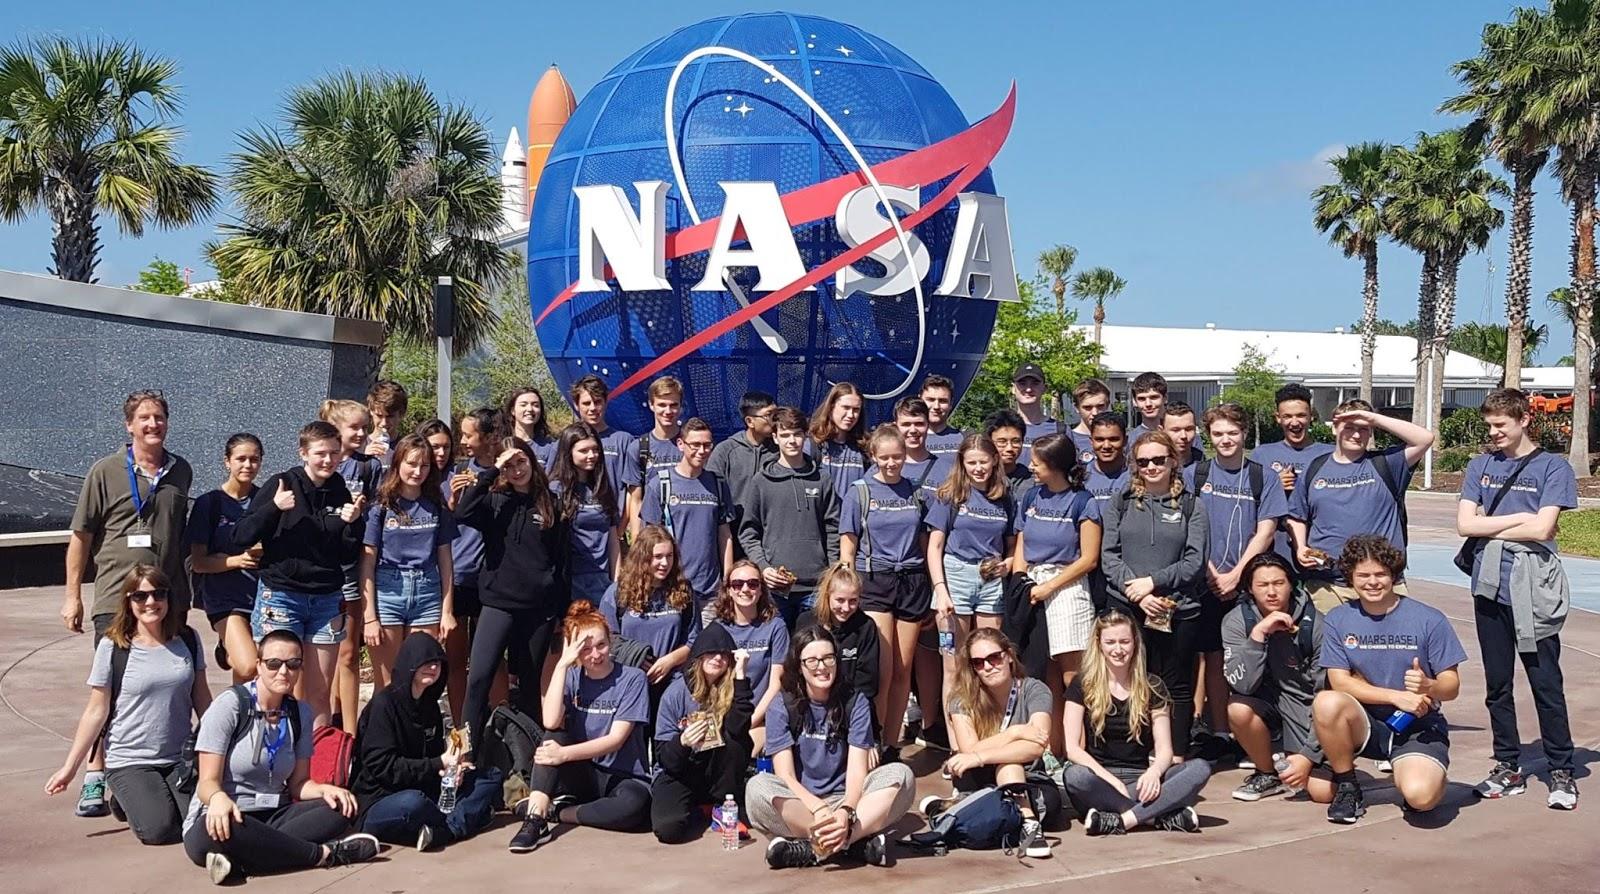 NASA 2020 Trip